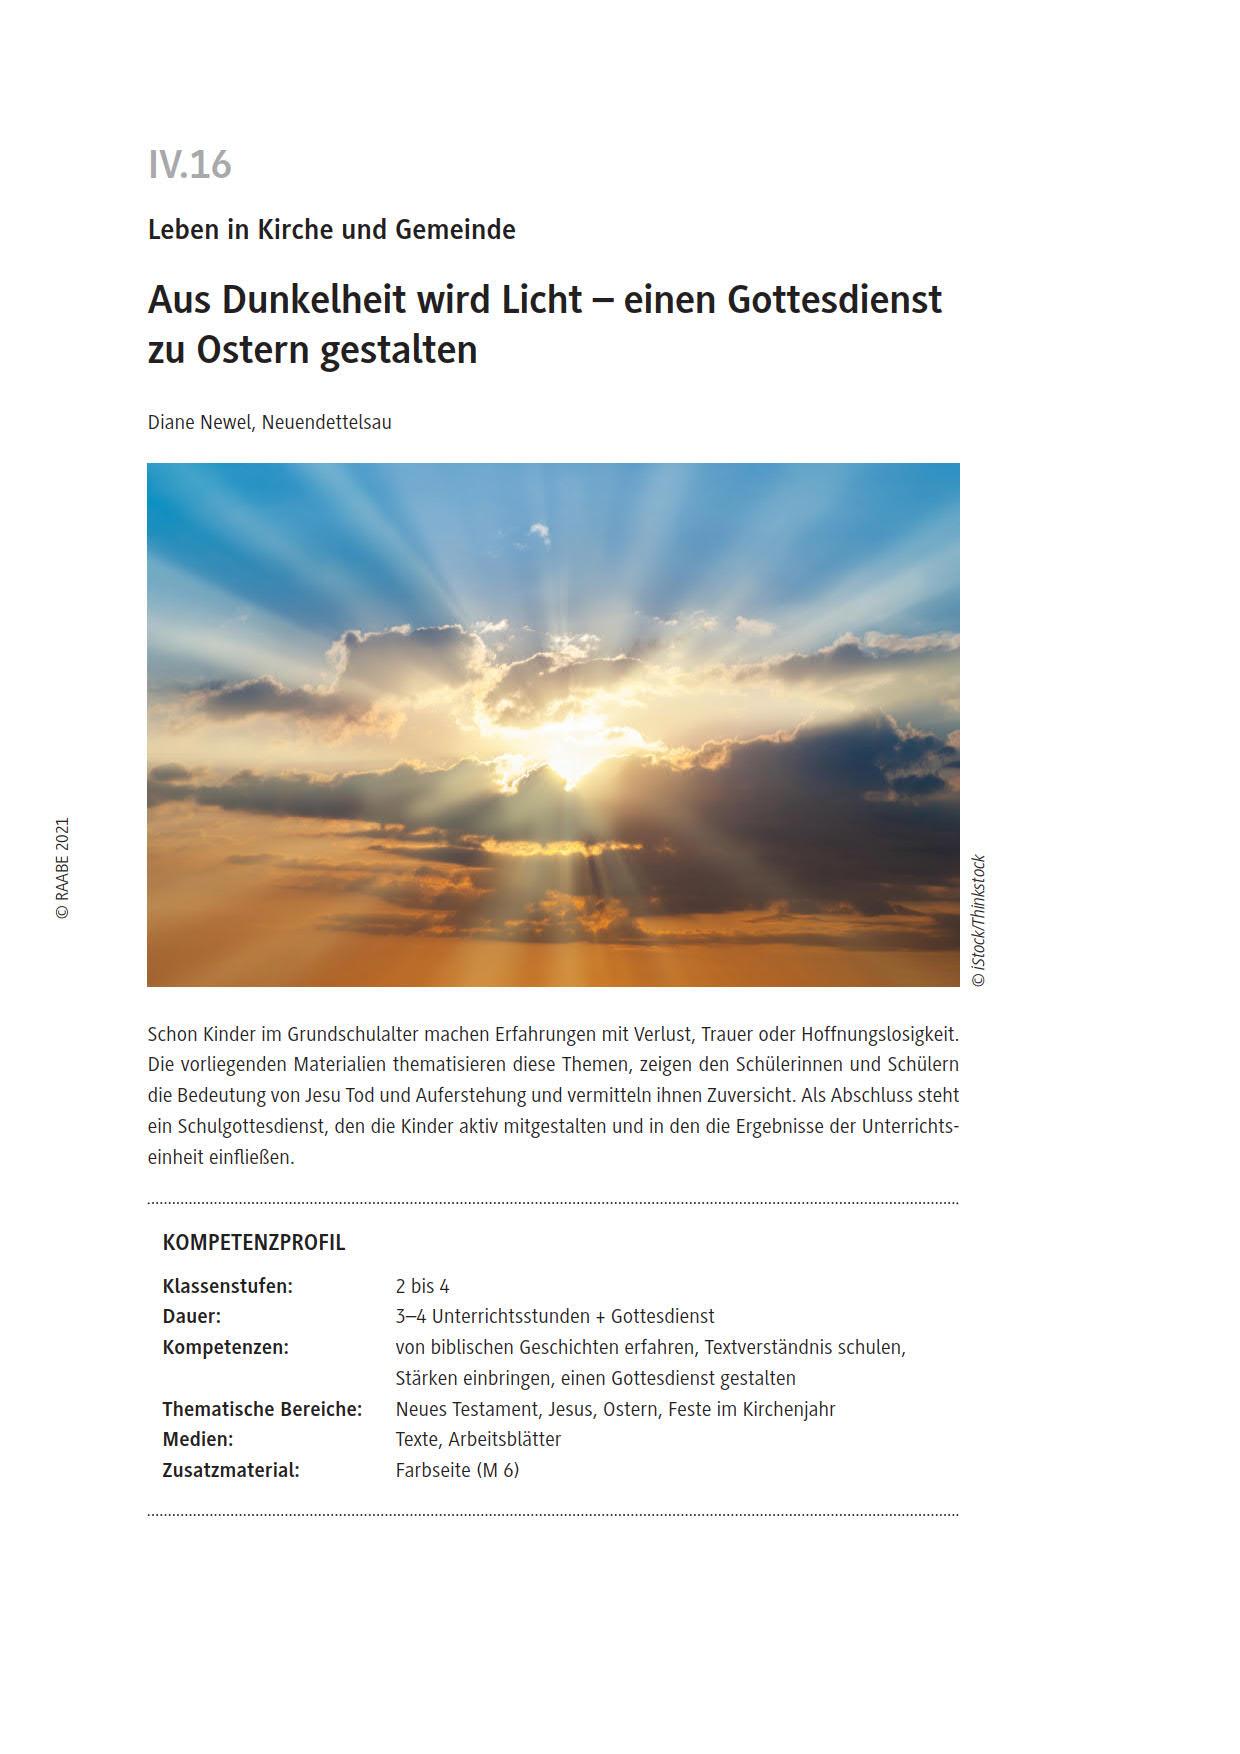 Text wolke 4 bedeutung